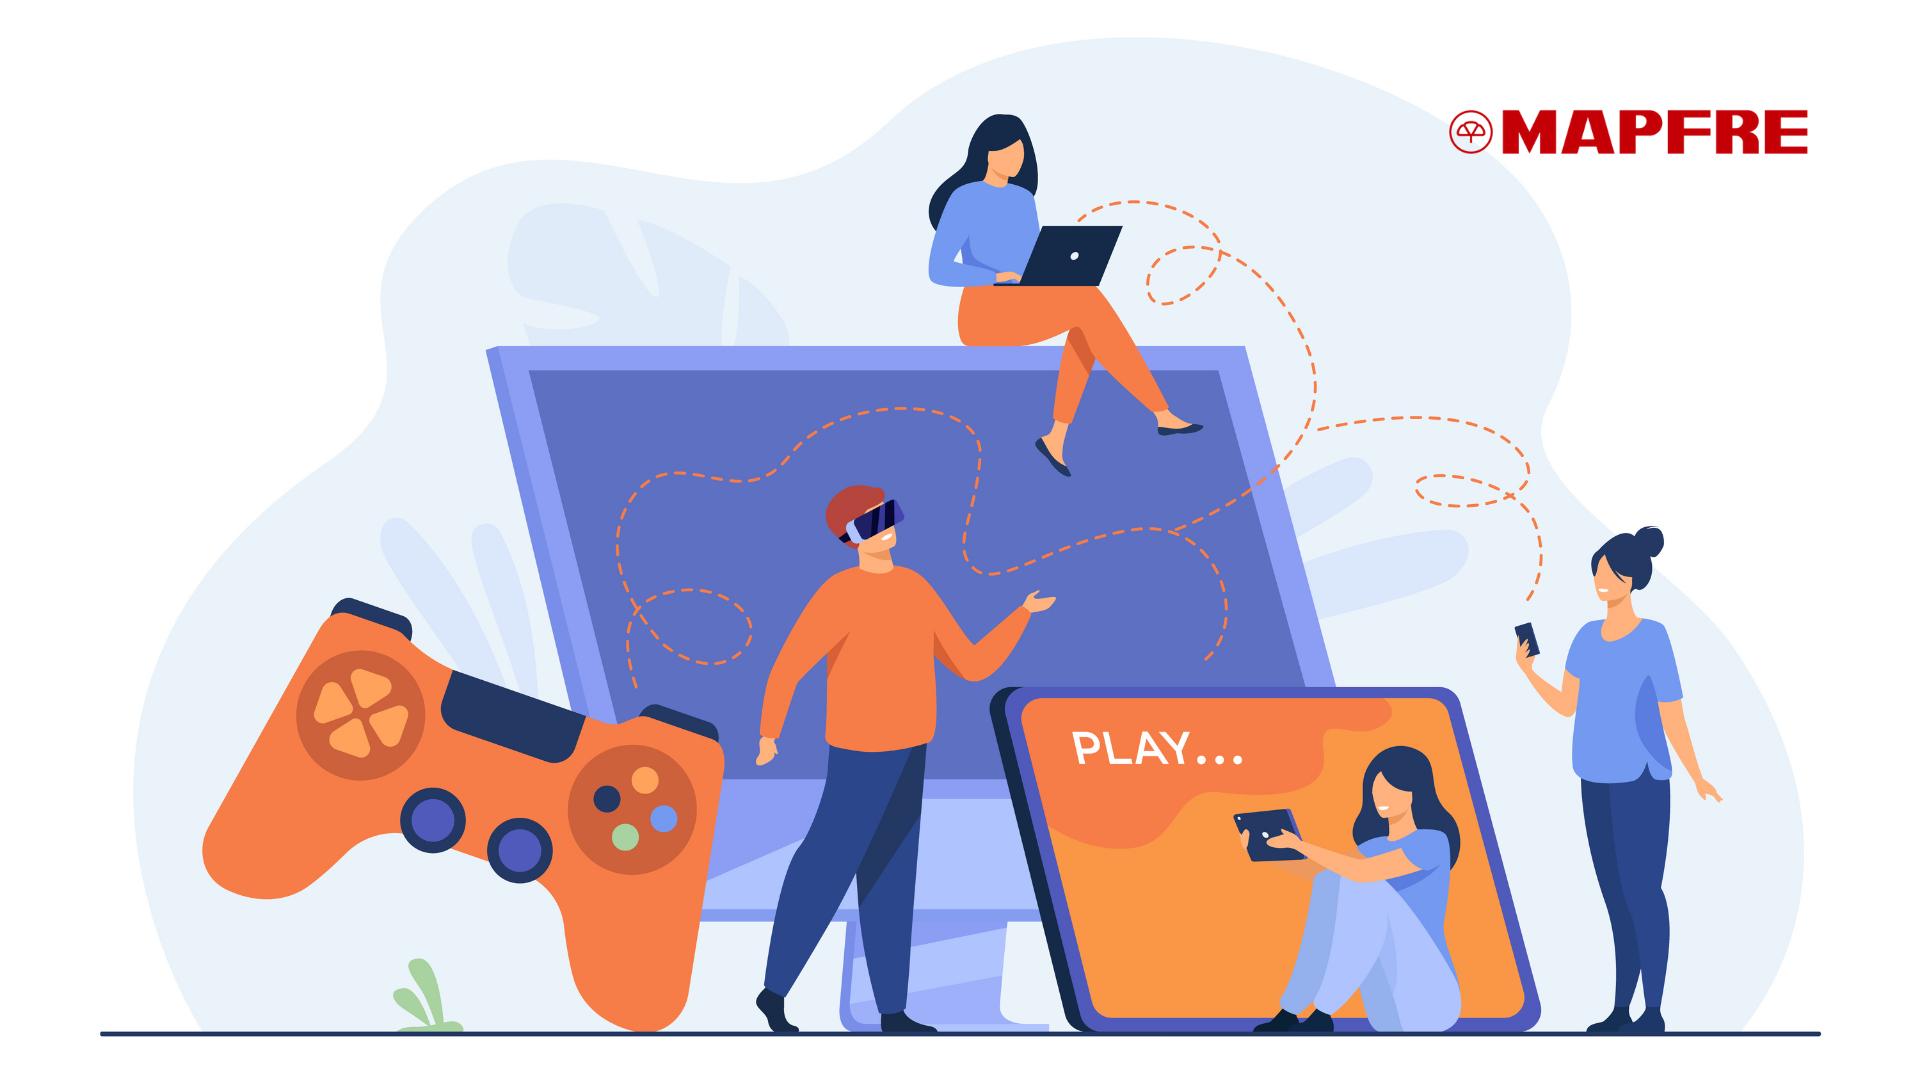 Videojuegos: elección y recomendaciones básicas de uso saludable